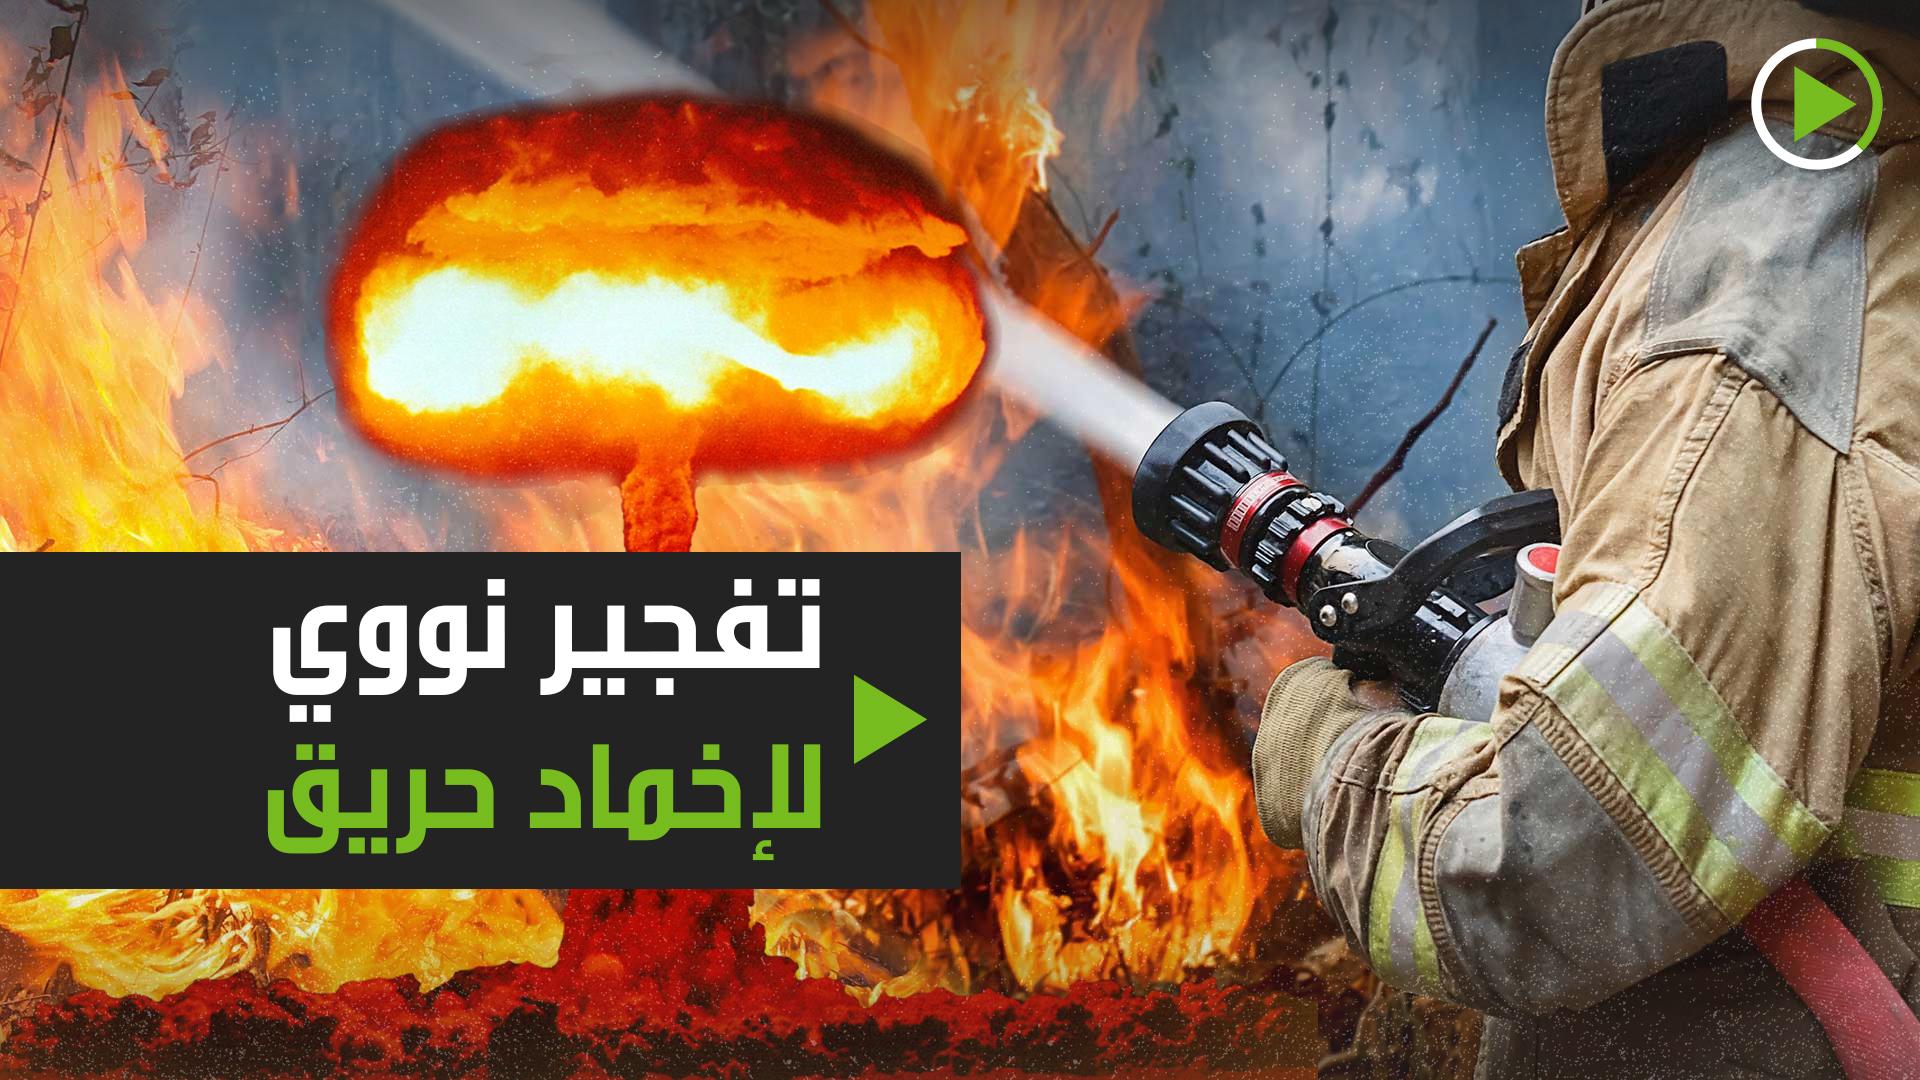 تفجير نووي لإخماد حريق